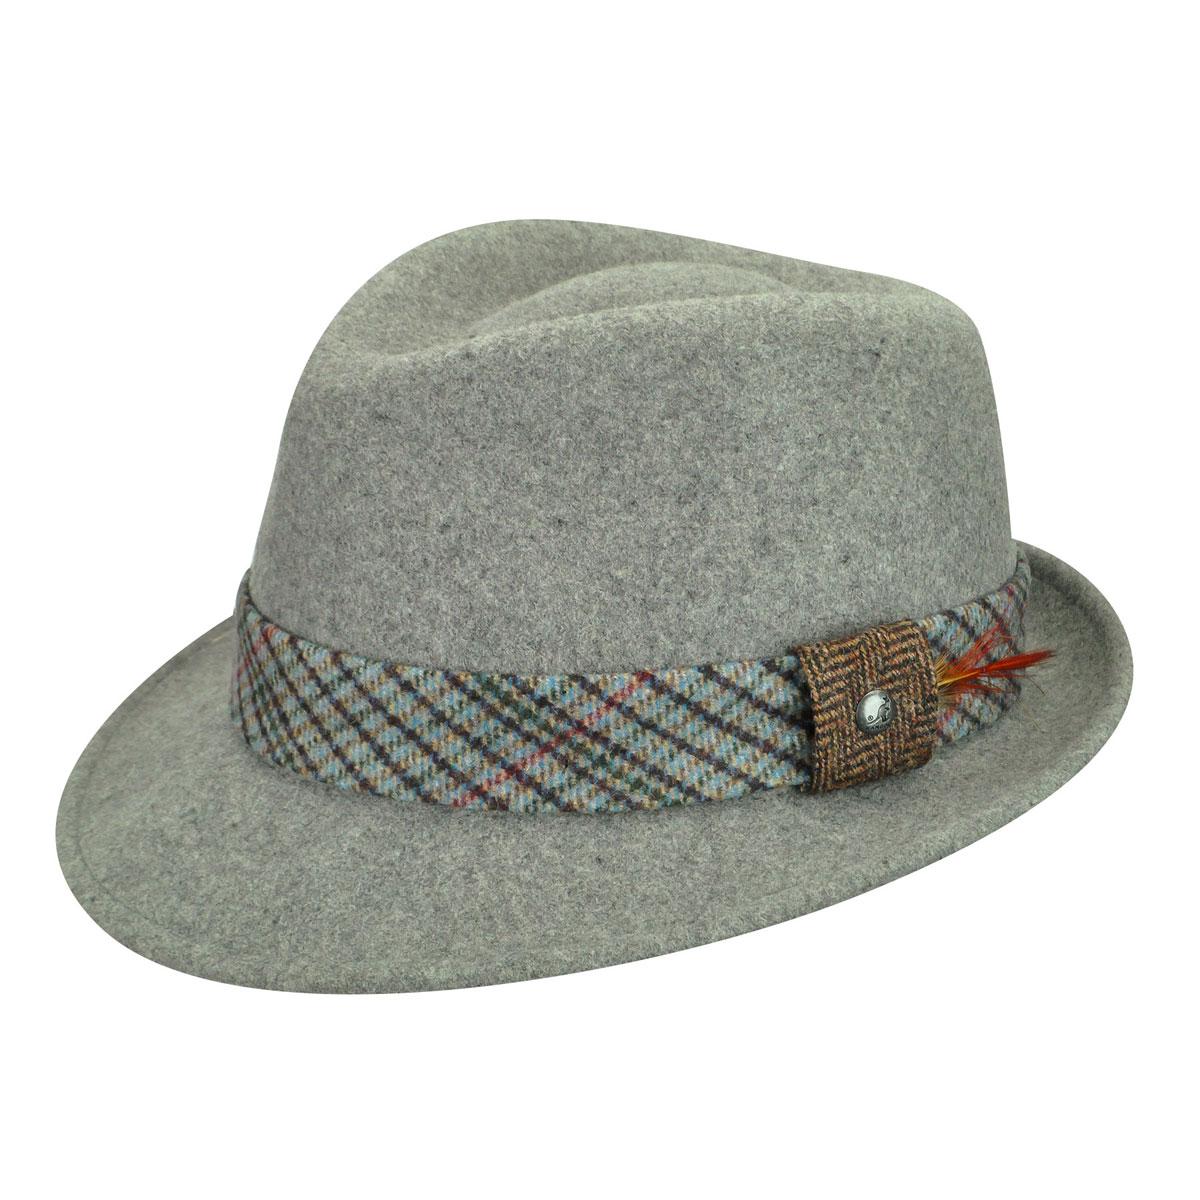 1960s Style Men's Hats Estate Arnold $110.00 AT vintagedancer.com